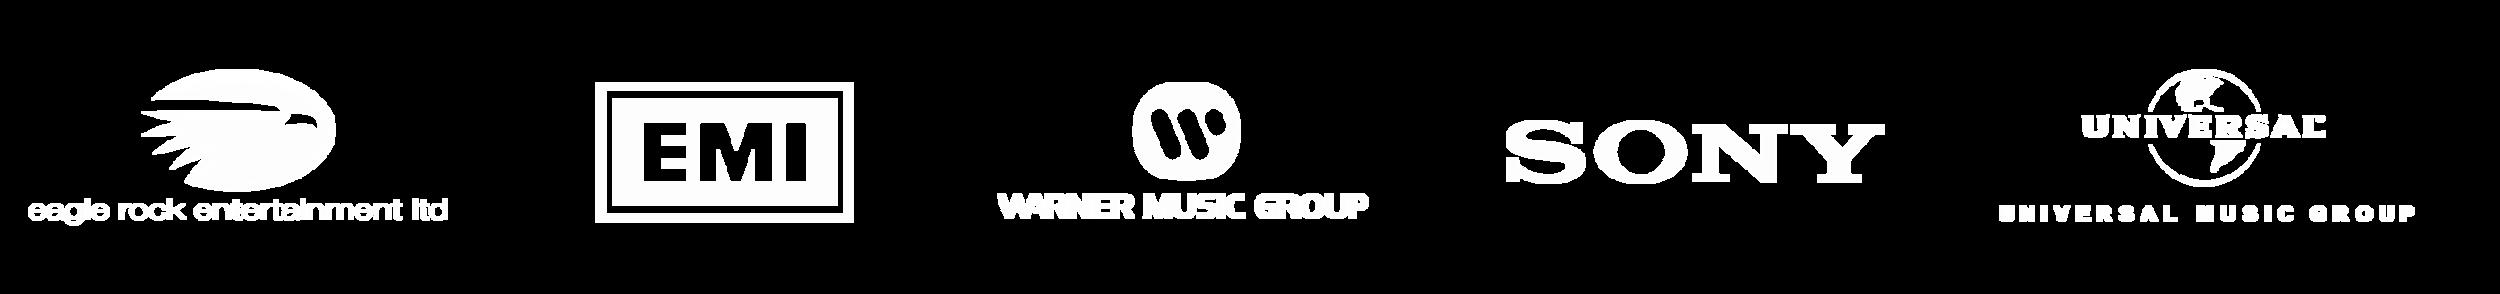 content_logos.png